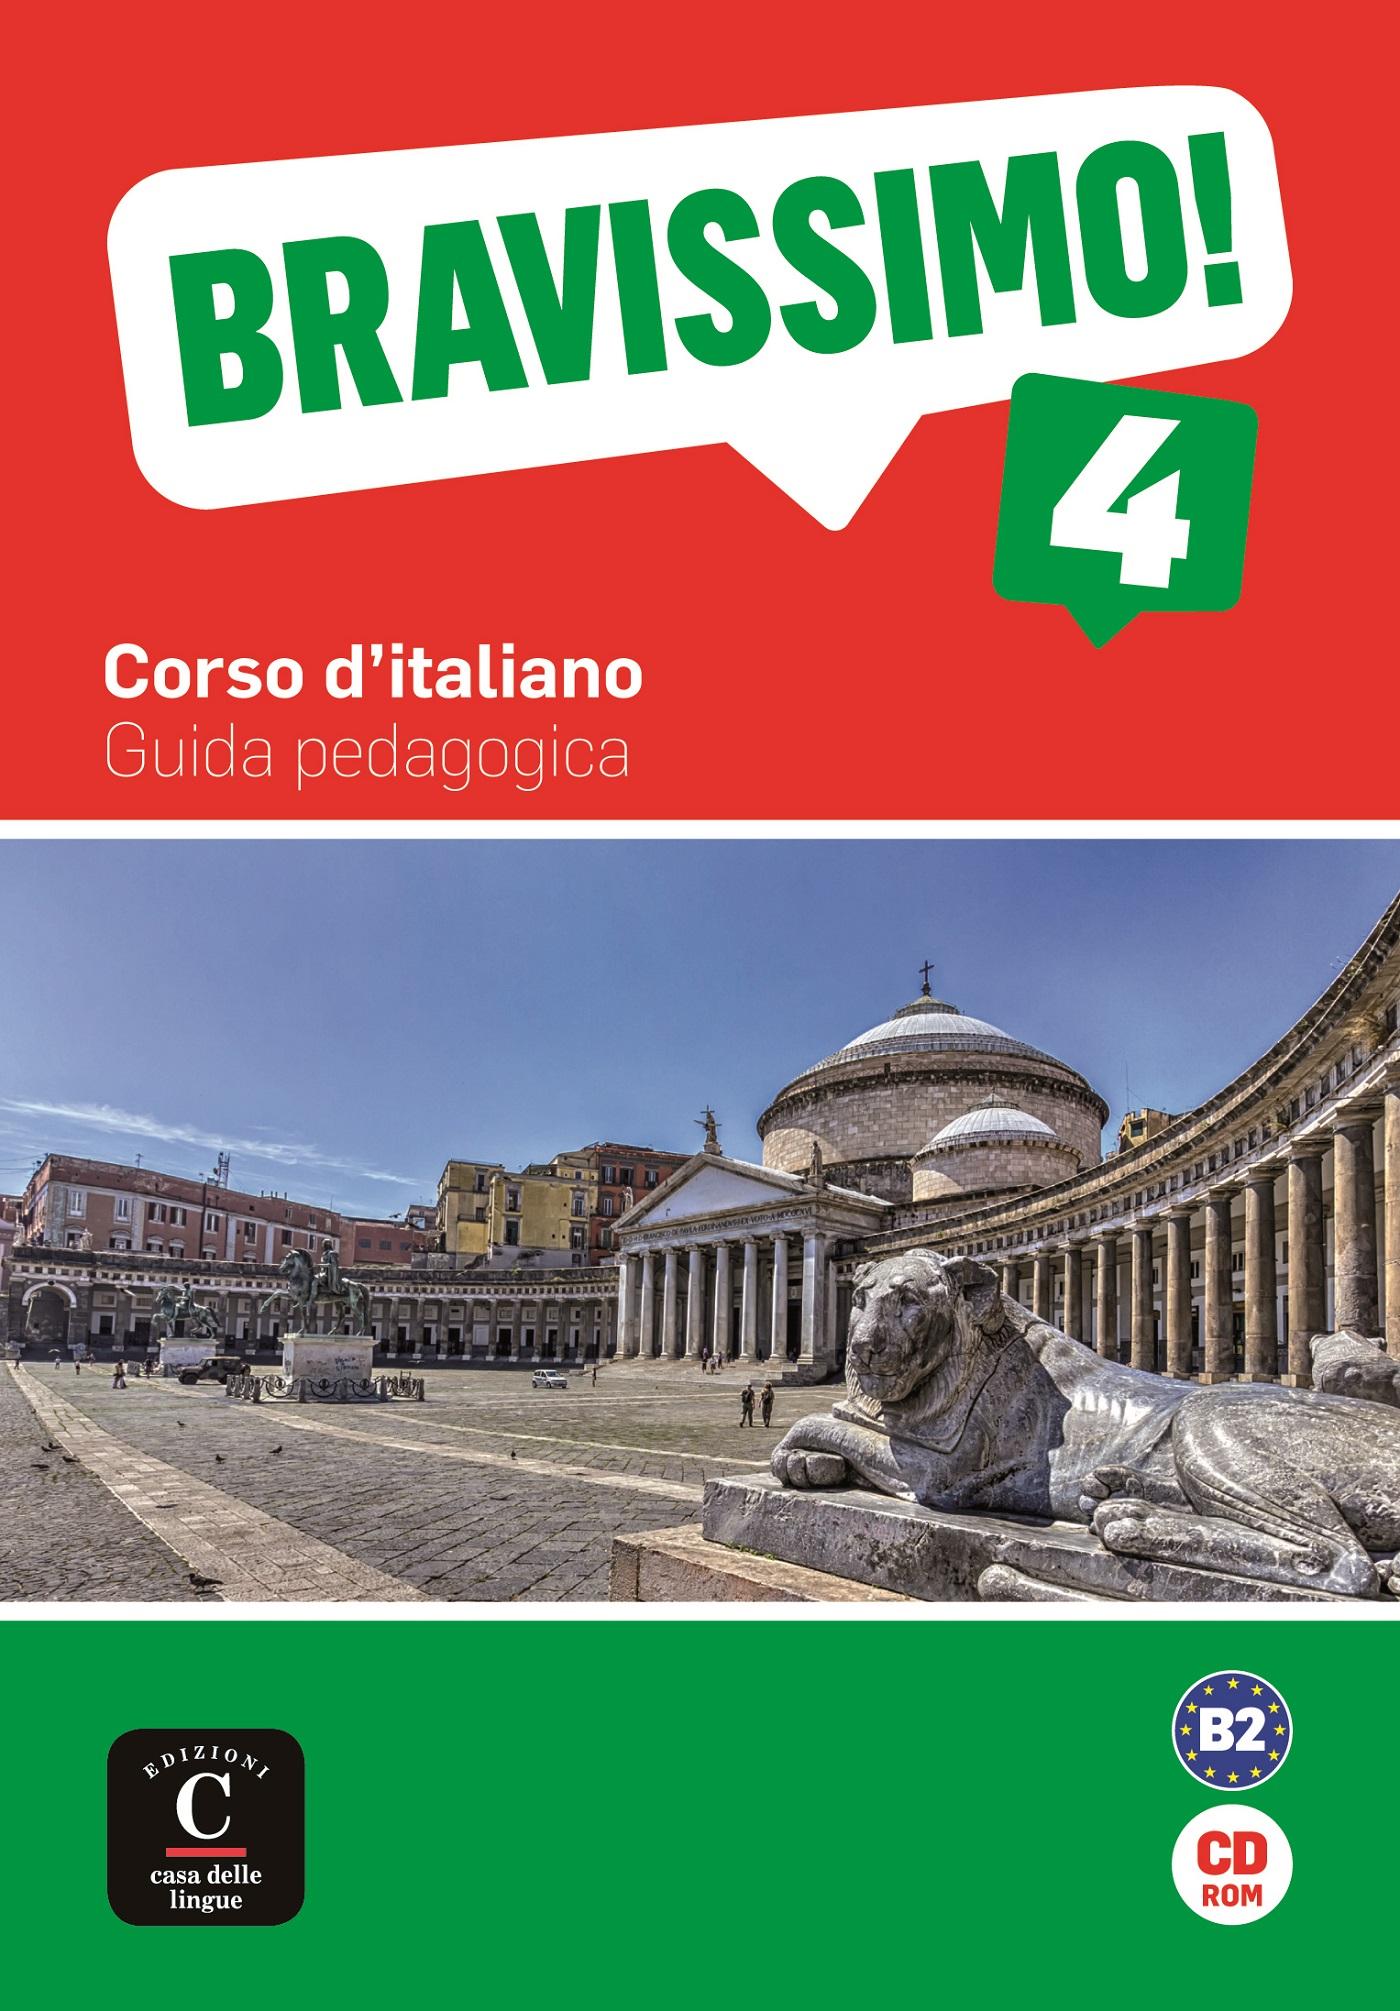 Bravissimo! 4 - CD + guide pédagogique